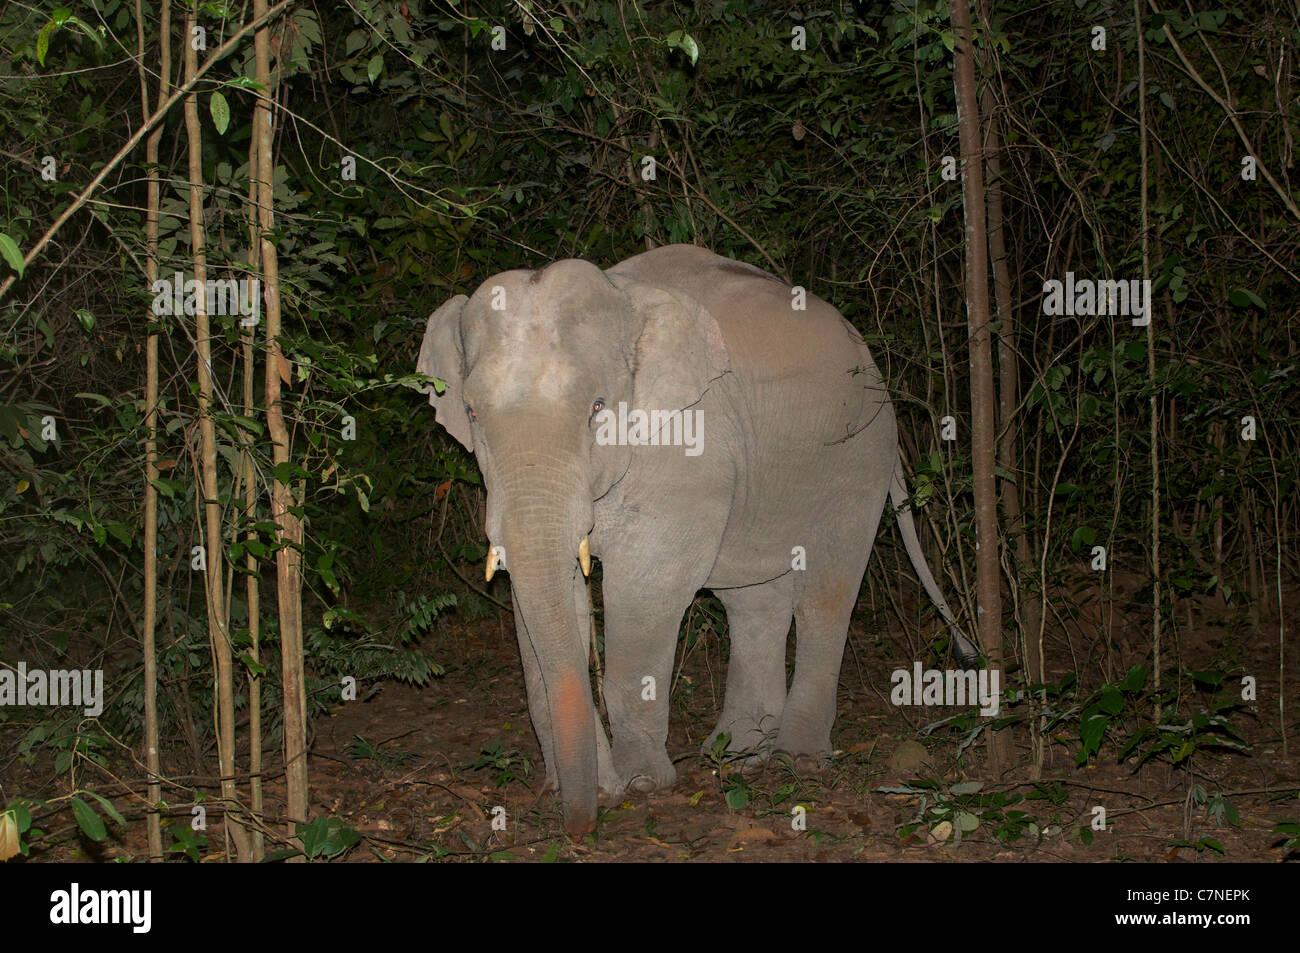 Les juvéniles mâles sauvages éléphant d'Asie, Elephas maximus, pris dans un piège camer Photo Stock